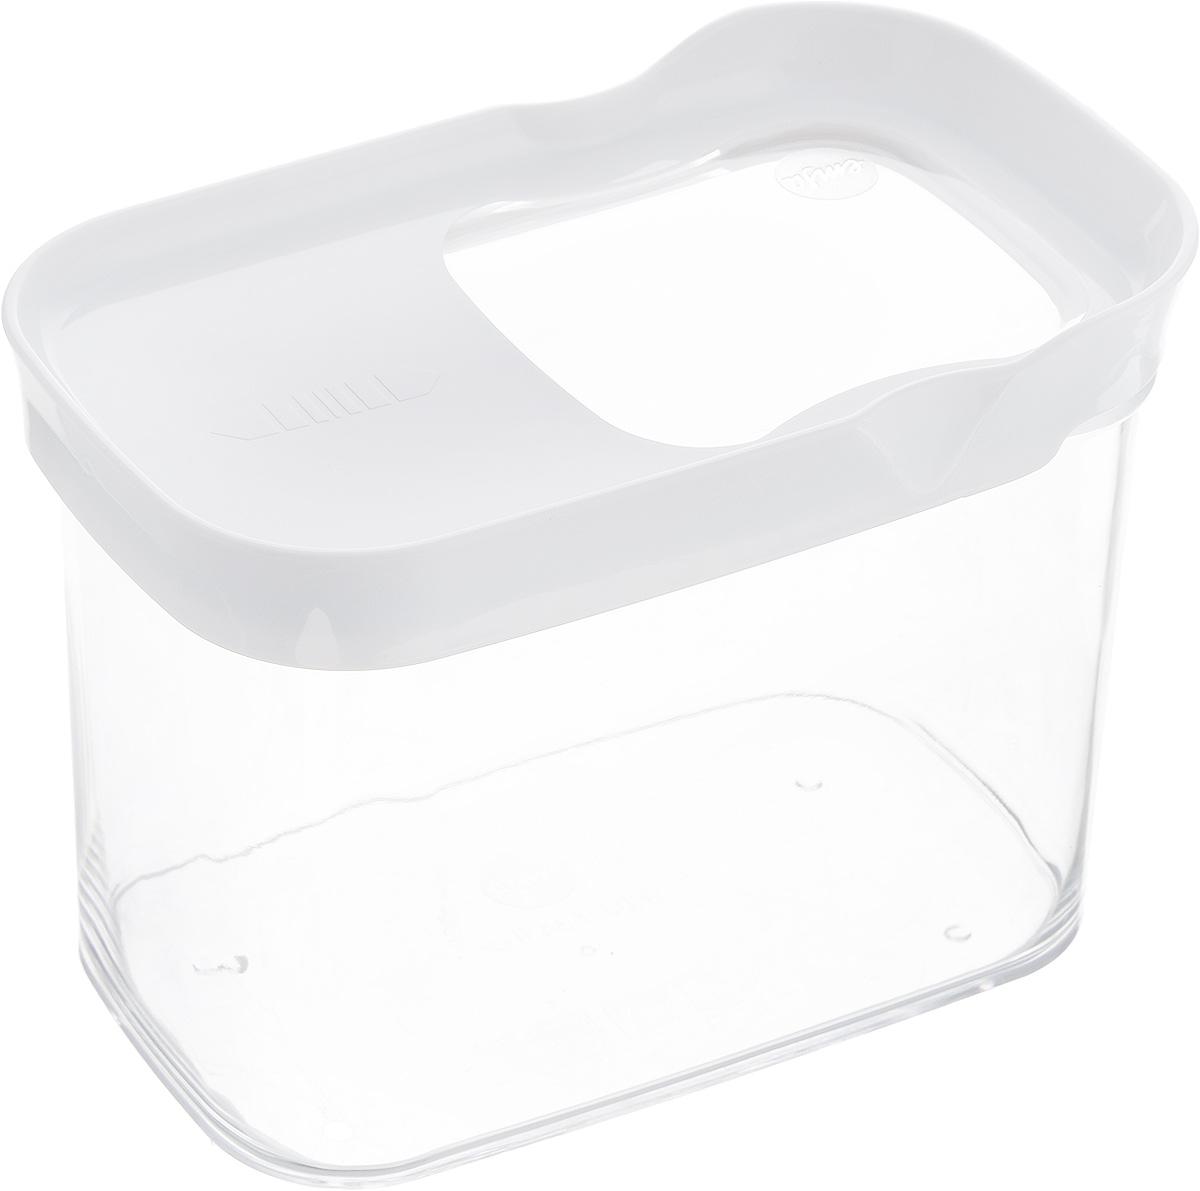 Контейнер для сыпучих продуктов Emsa Optima, 1 л. 514550514550Контейнер Emsa Optima выполнен из прочного пищевого пластика без содержания BPA. Прозрачные стенки позволяют видеть количество содержимого. Изделие имеет плотно закрывающуюся крышку с прозрачным окошком, которая открывается движением в сторону. Изделие не накапливает запахов, легко моется, практично в использовании. Идеально подходит для хранения различных сыпучих продуктов: круп, чая, кофе, сахара, сухофруктов, орехов. Можно мыть в посудомоечной машине.